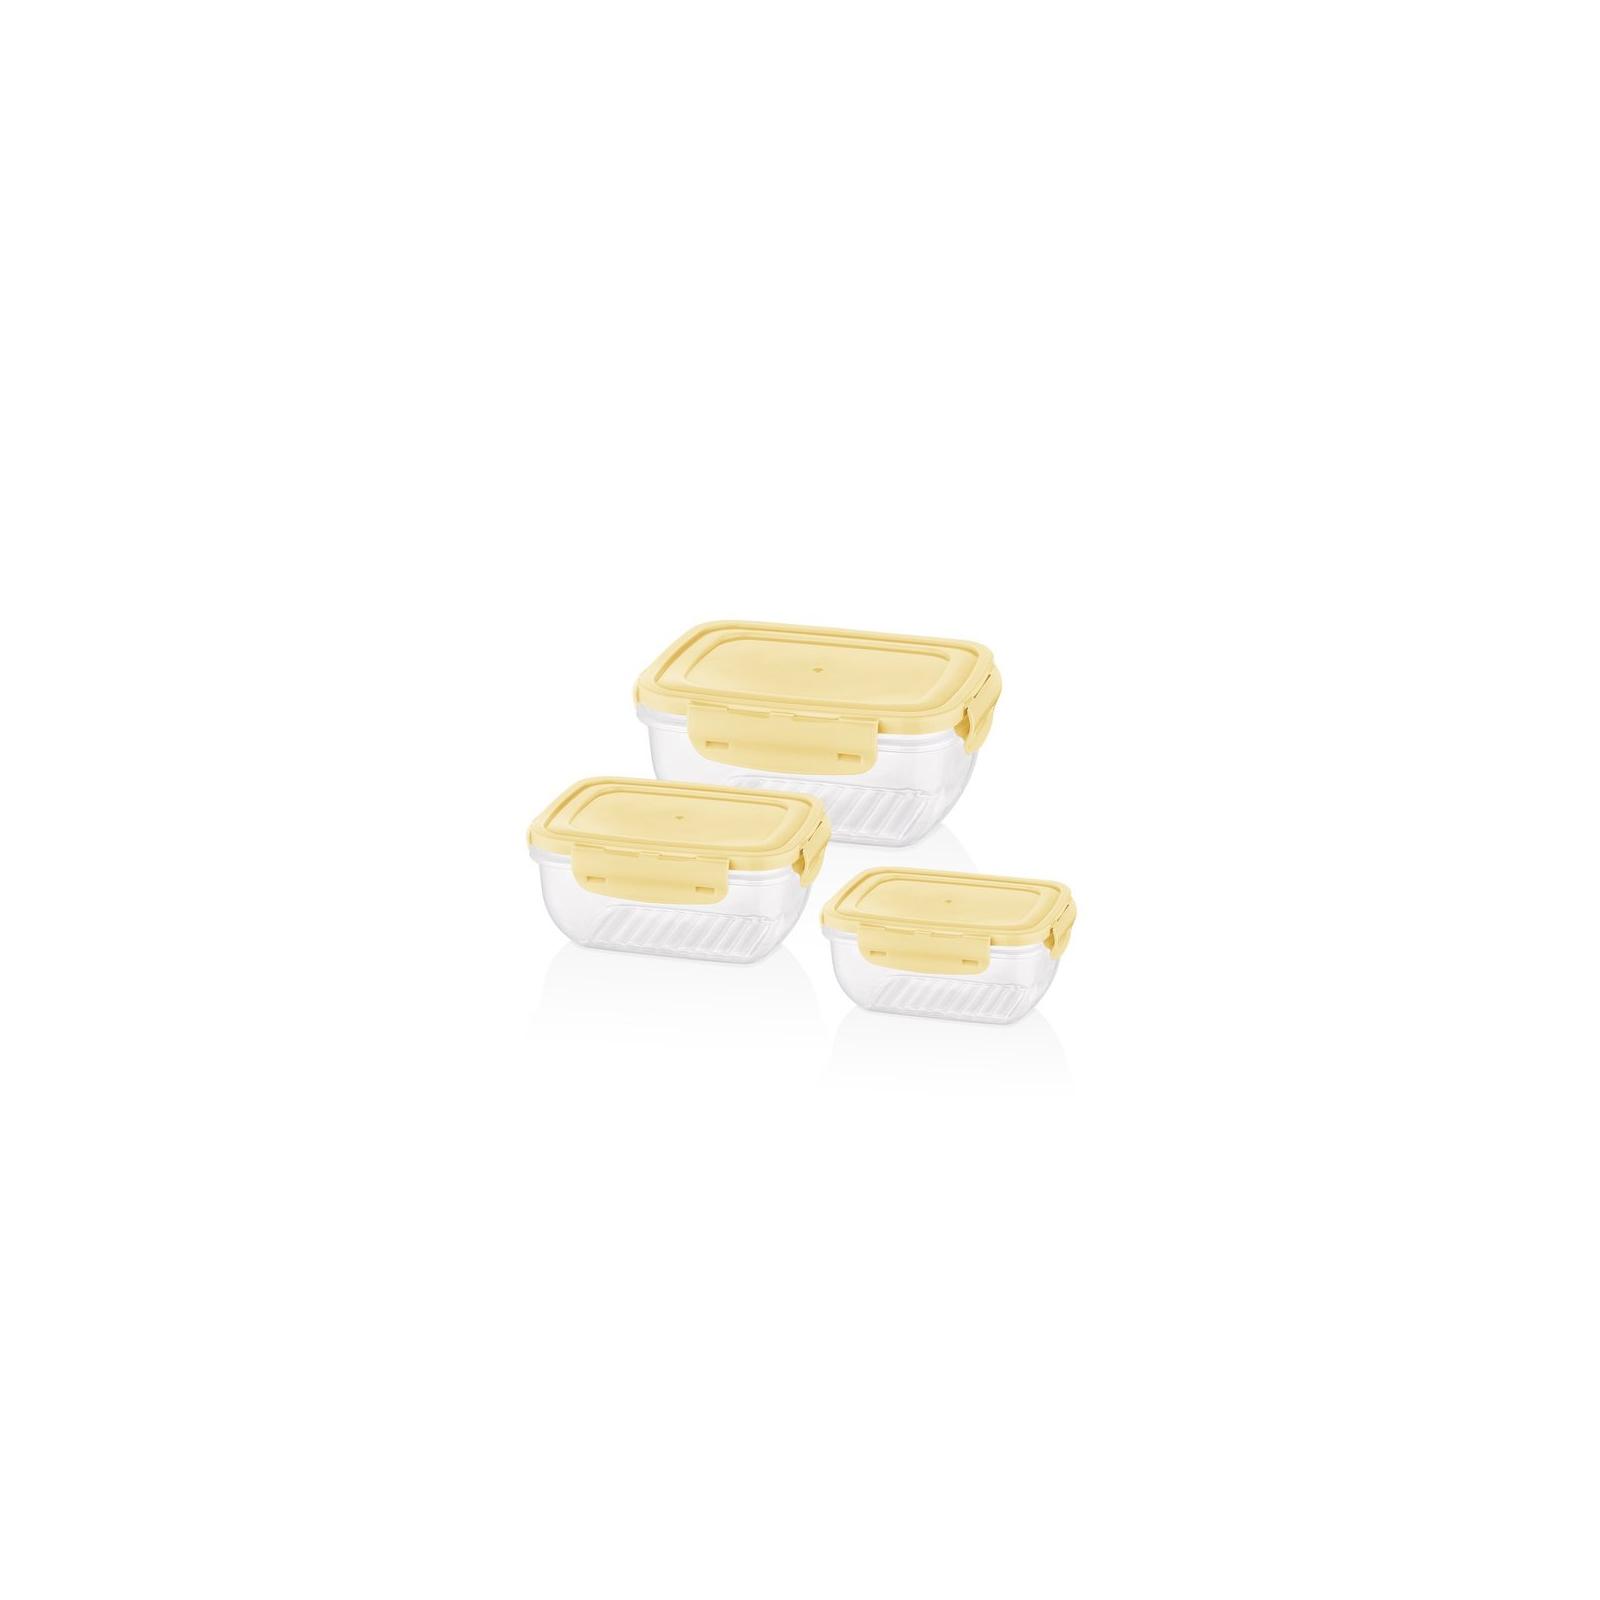 Пищевой контейнер Bager Cook&Lock 3 шт 0.8, 1.4, 2.3 л (BG-526) изображение 4